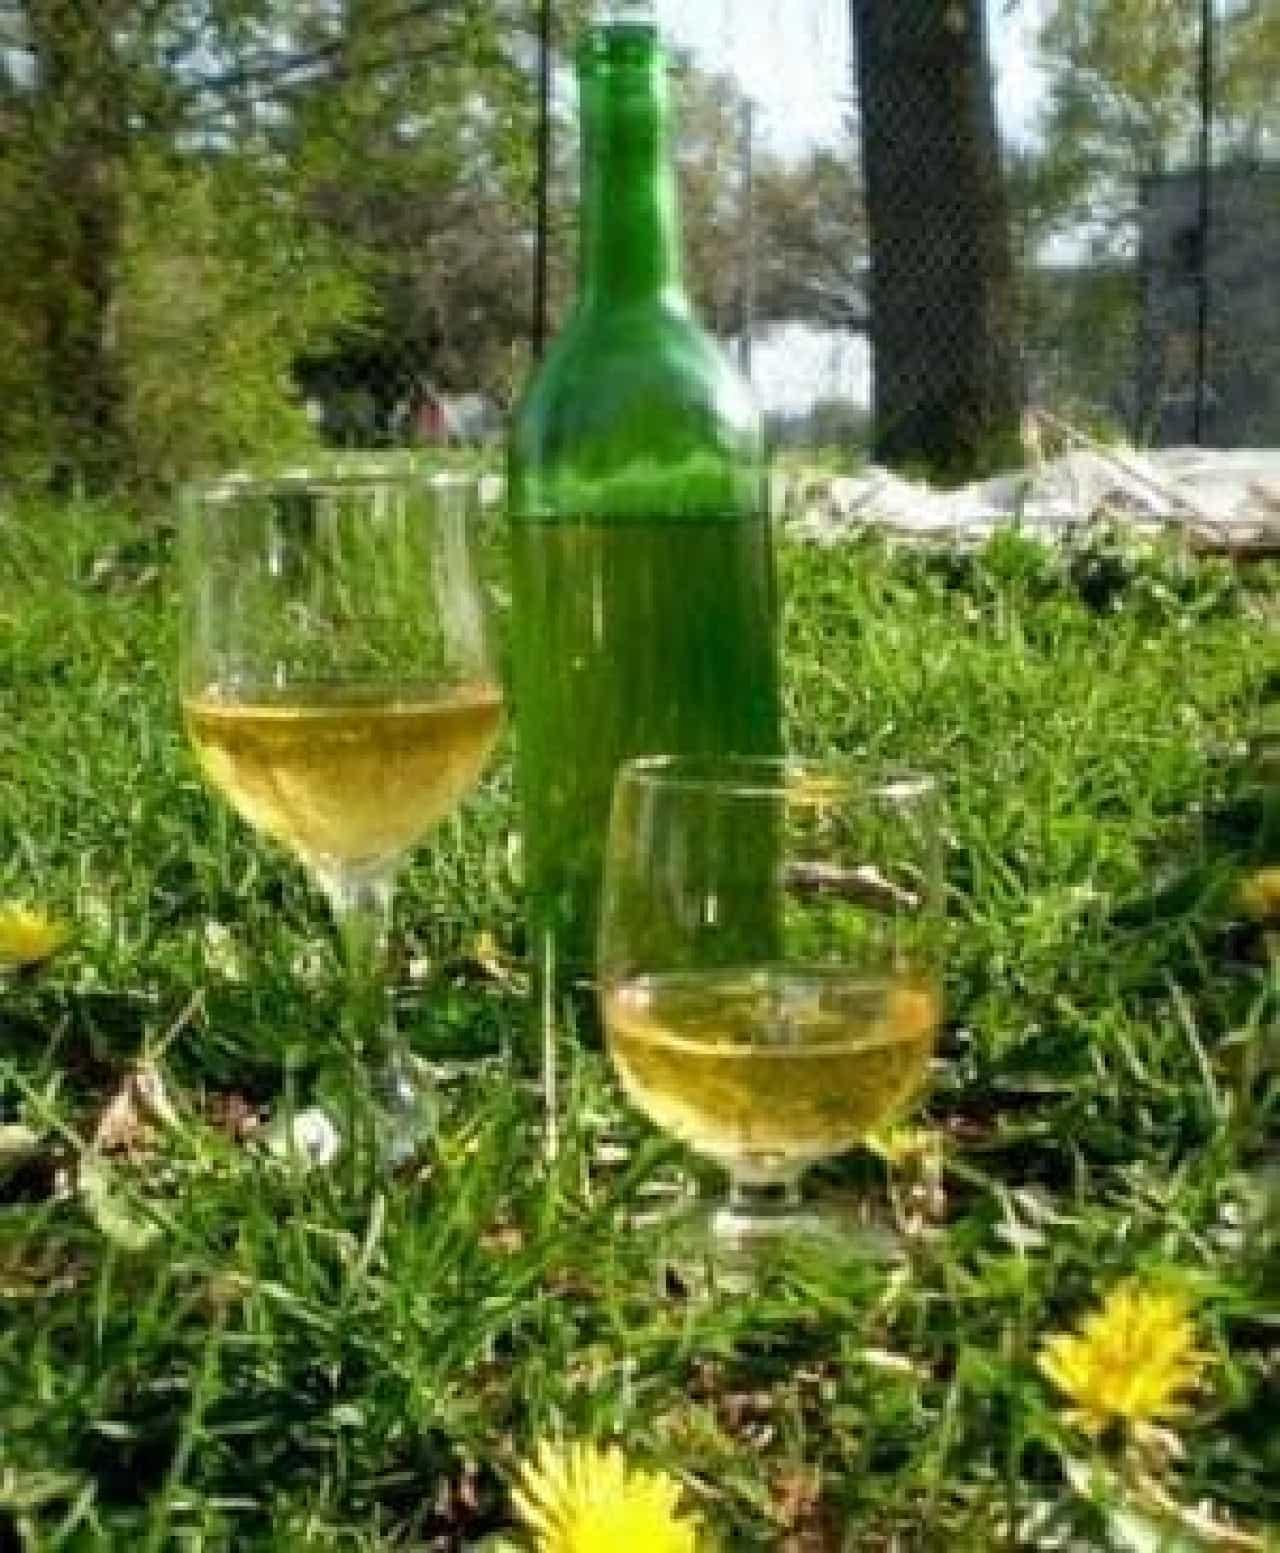 飲んでみたい、タンポポワイン  (出典:Murrieta Wine Field 公式 Facebook ページ)